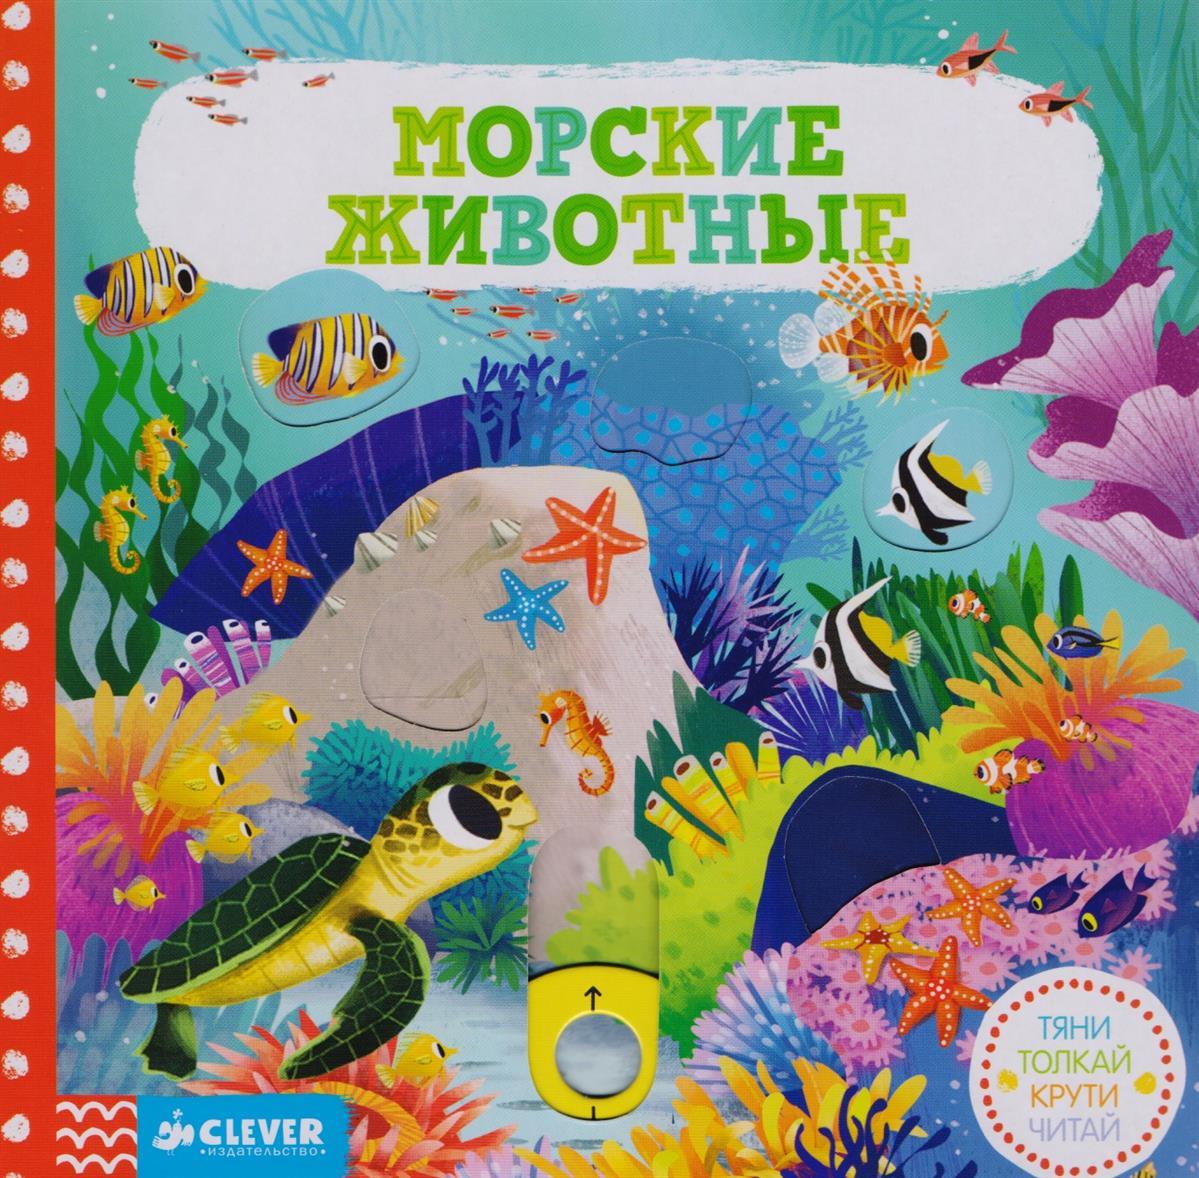 Чоркунг (худ.) Морские животные